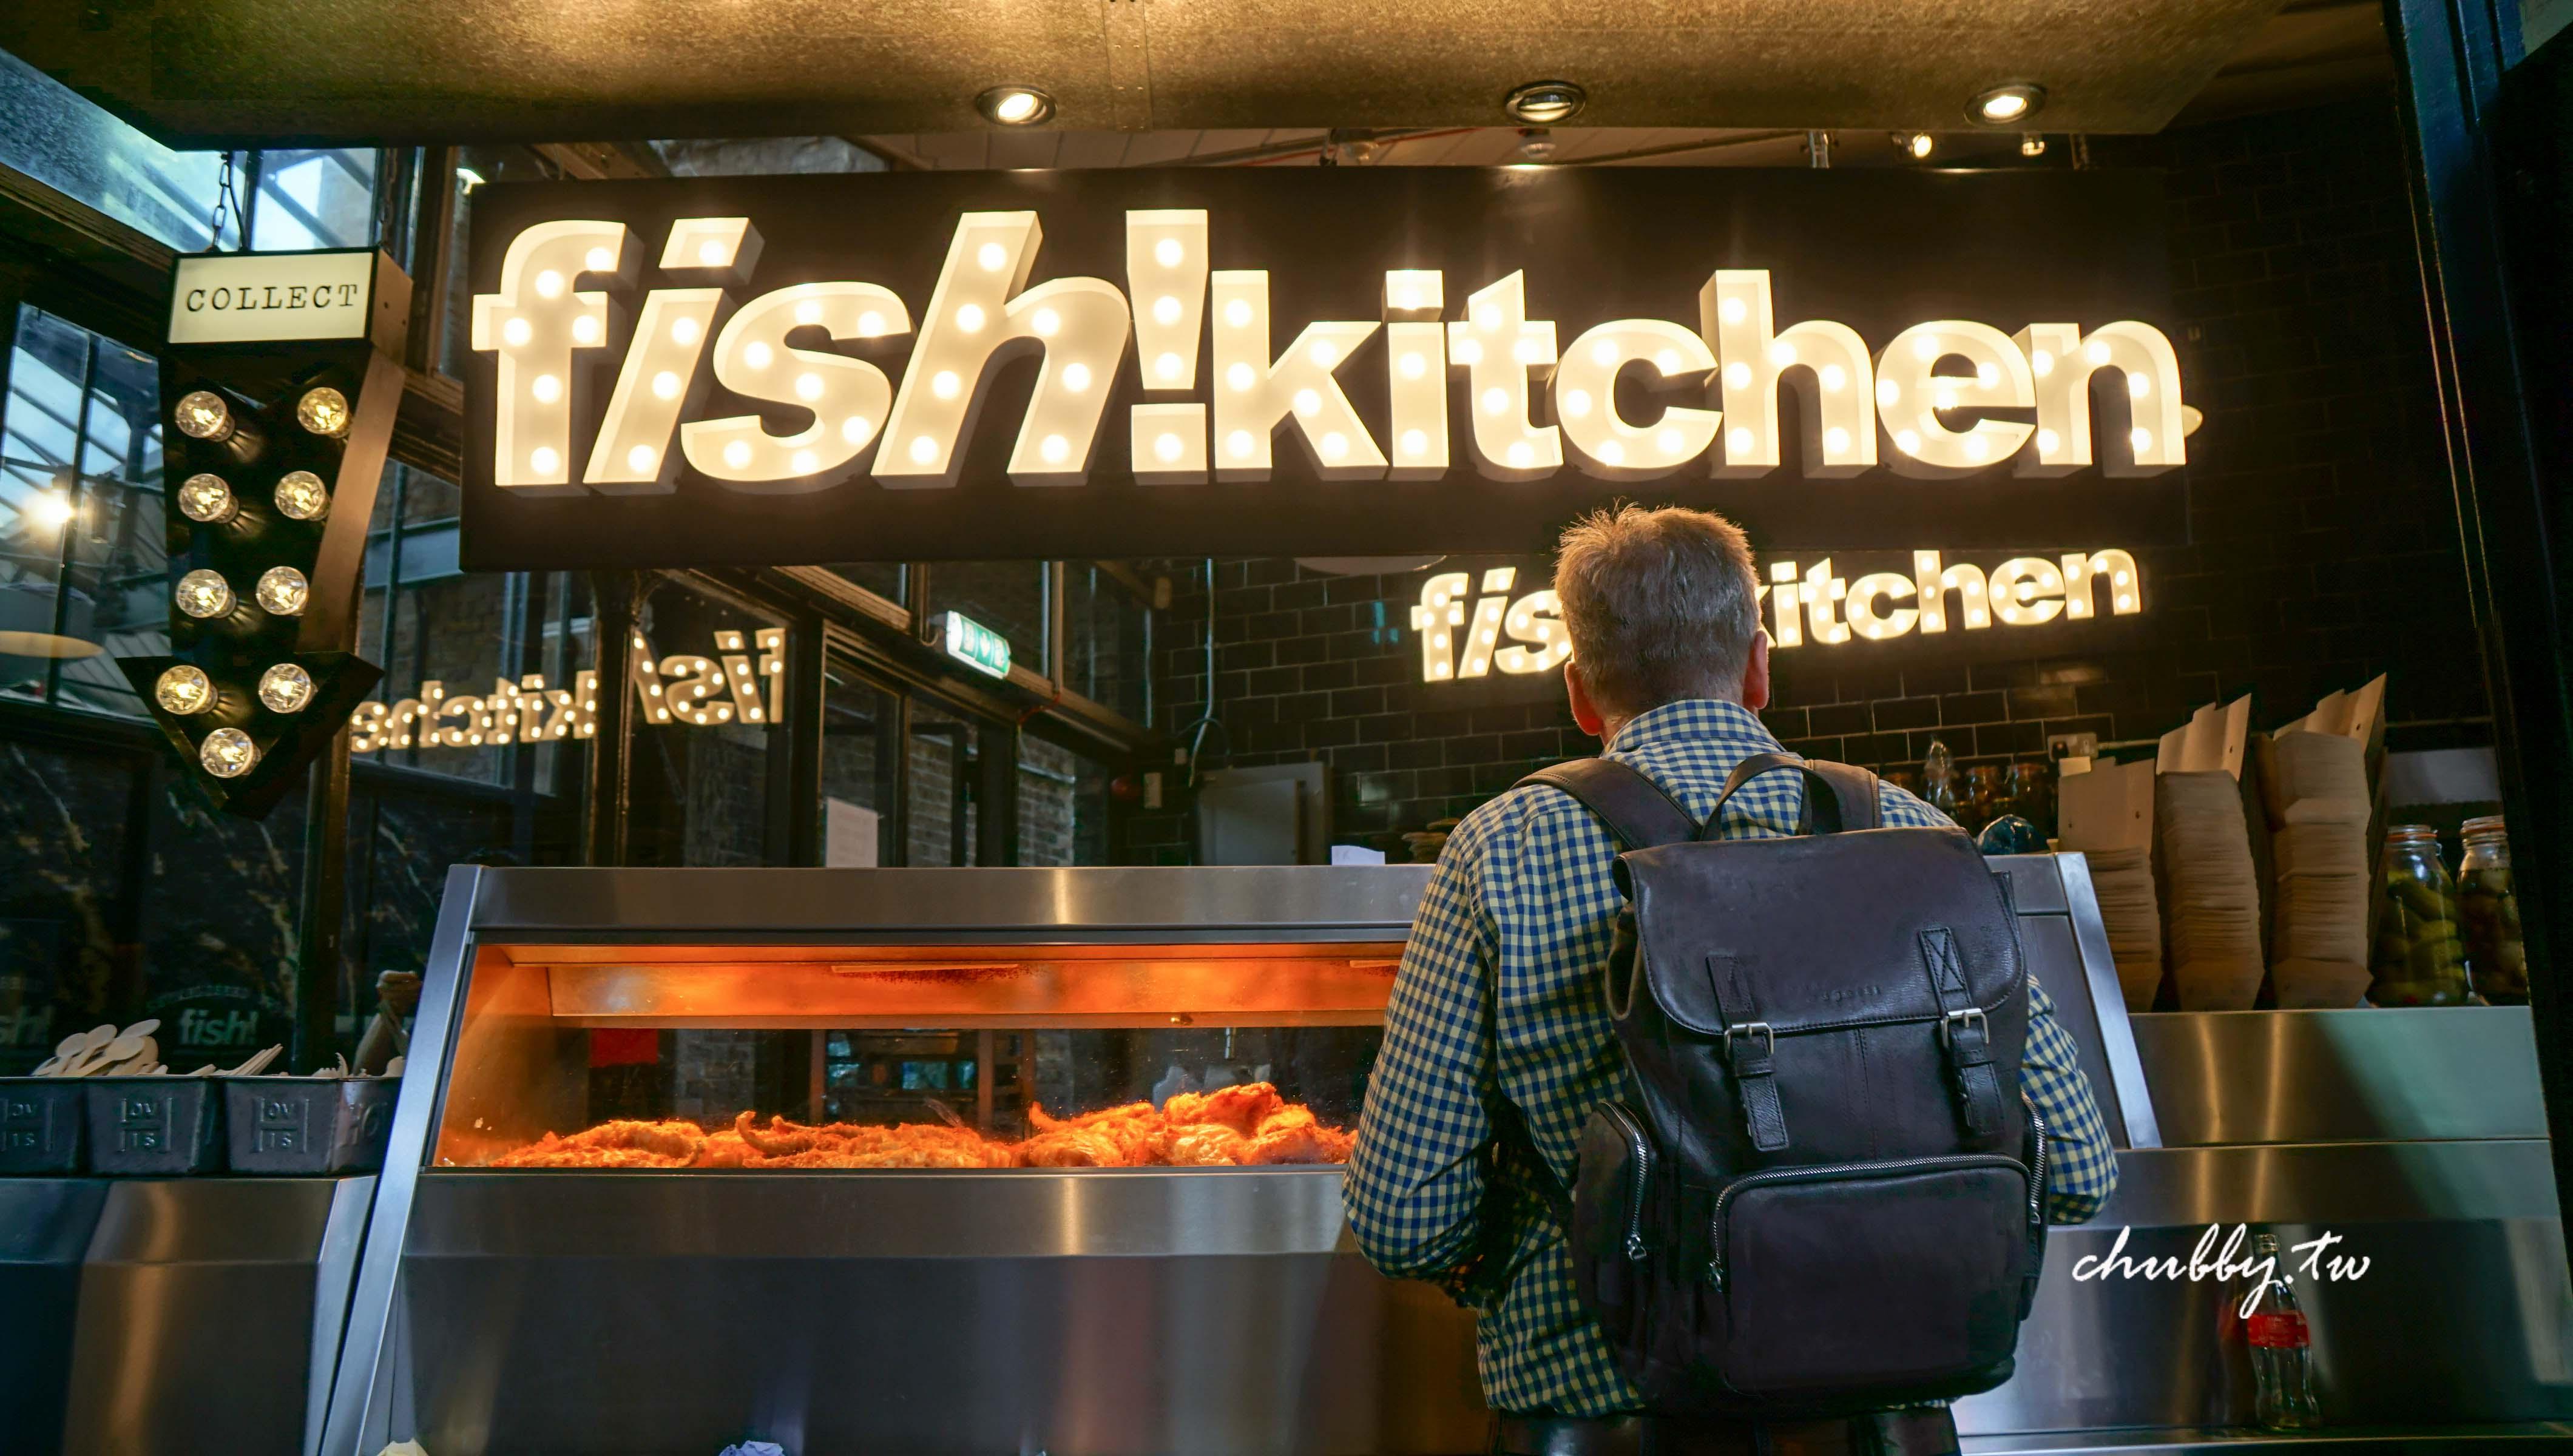 我心中倫敦最好吃的炸魚薯條fish!Kitchen,隱藏版烤旗魚swordfish,鮮美肉汁一試難忘!